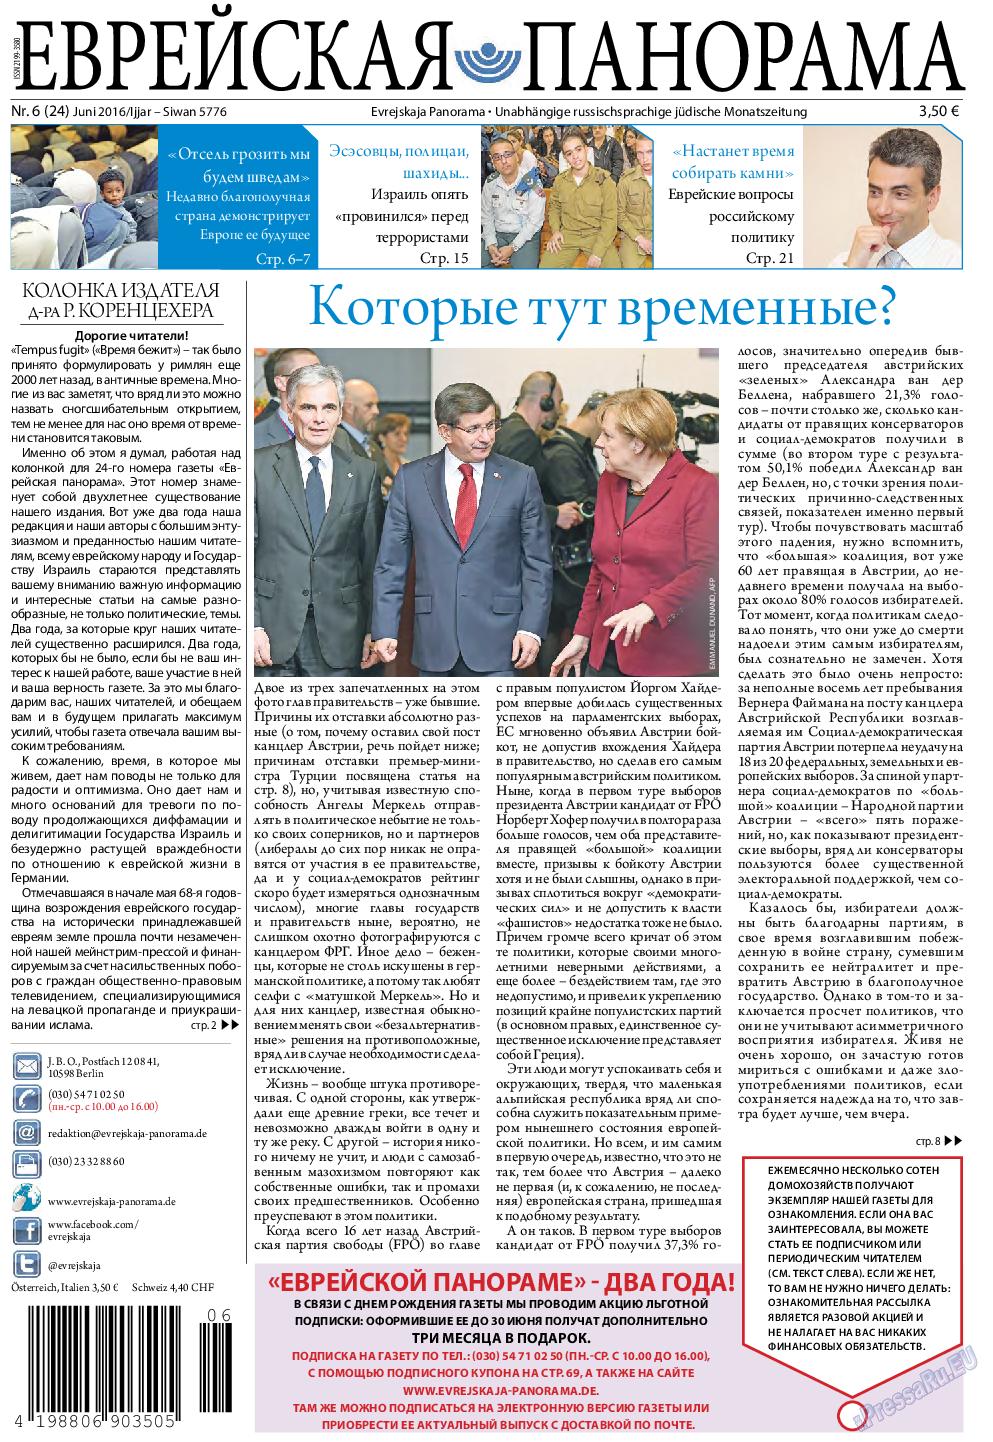 Еврейская панорама (газета). 2016 год, номер 6, стр. 1